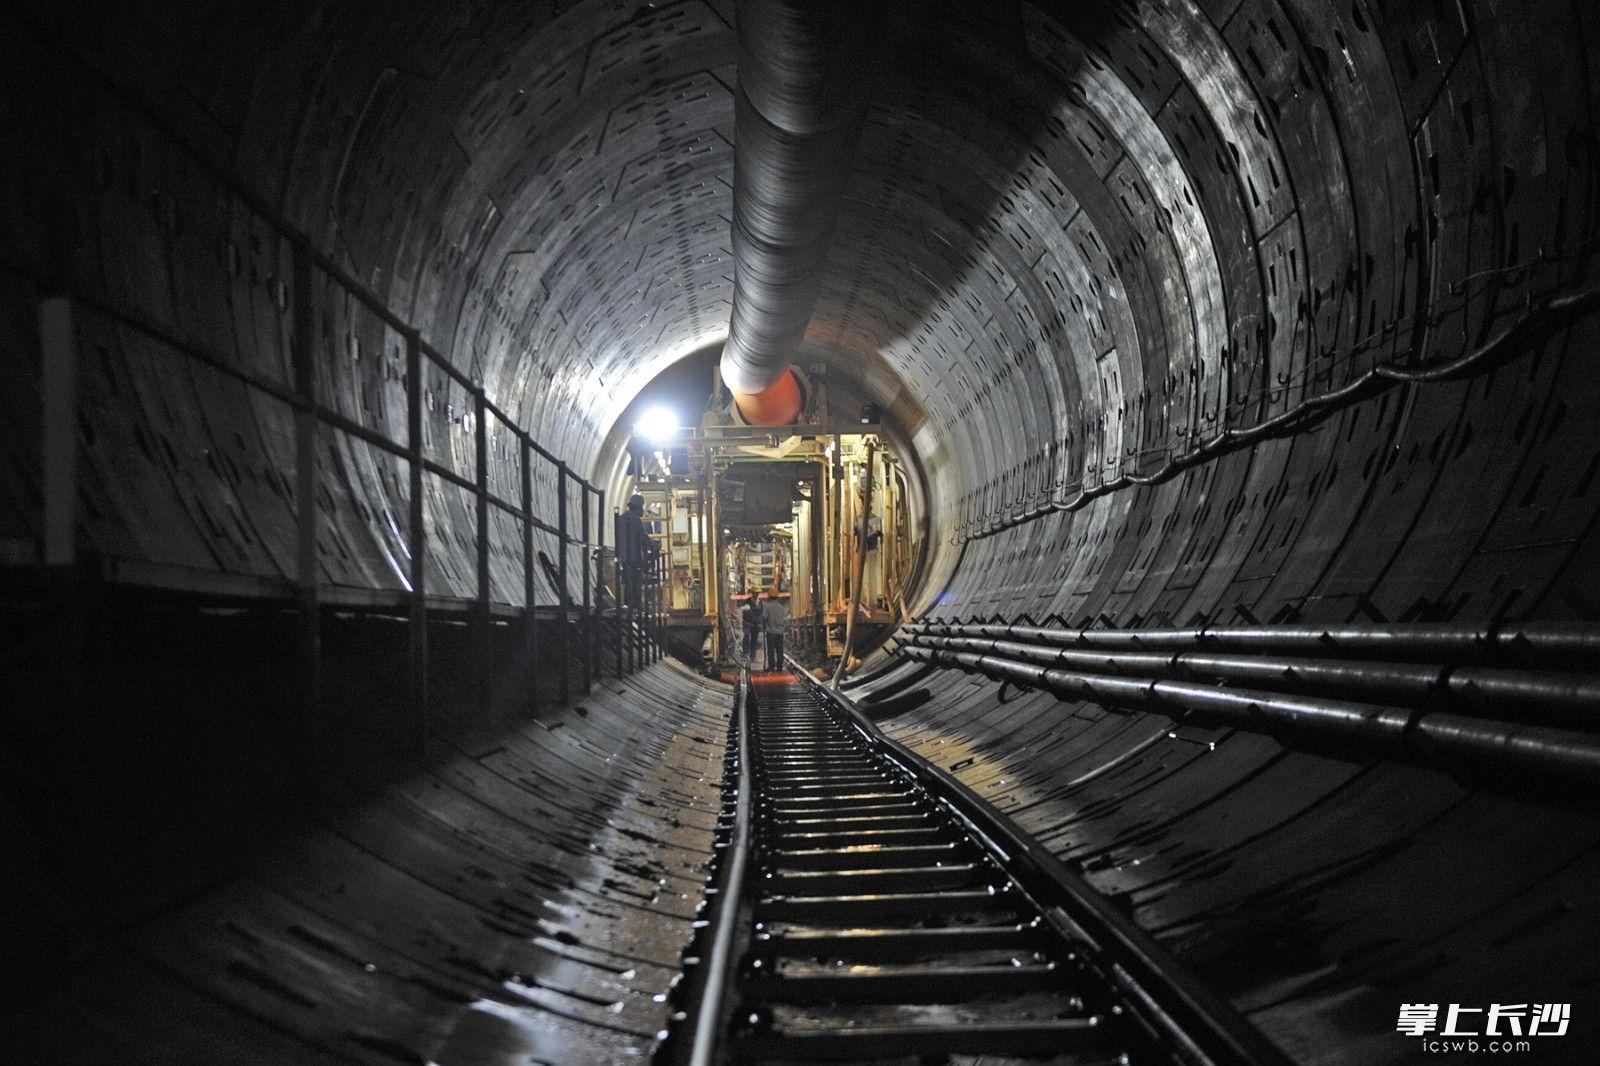 2017年5月12日,长沙地铁5号线晚报大道至朝阳站区间右线盾构机顺利下穿浏阳河风险点,实现了双线成功穿越全线重大危险区。 均为长沙晚报记者 王志伟 摄